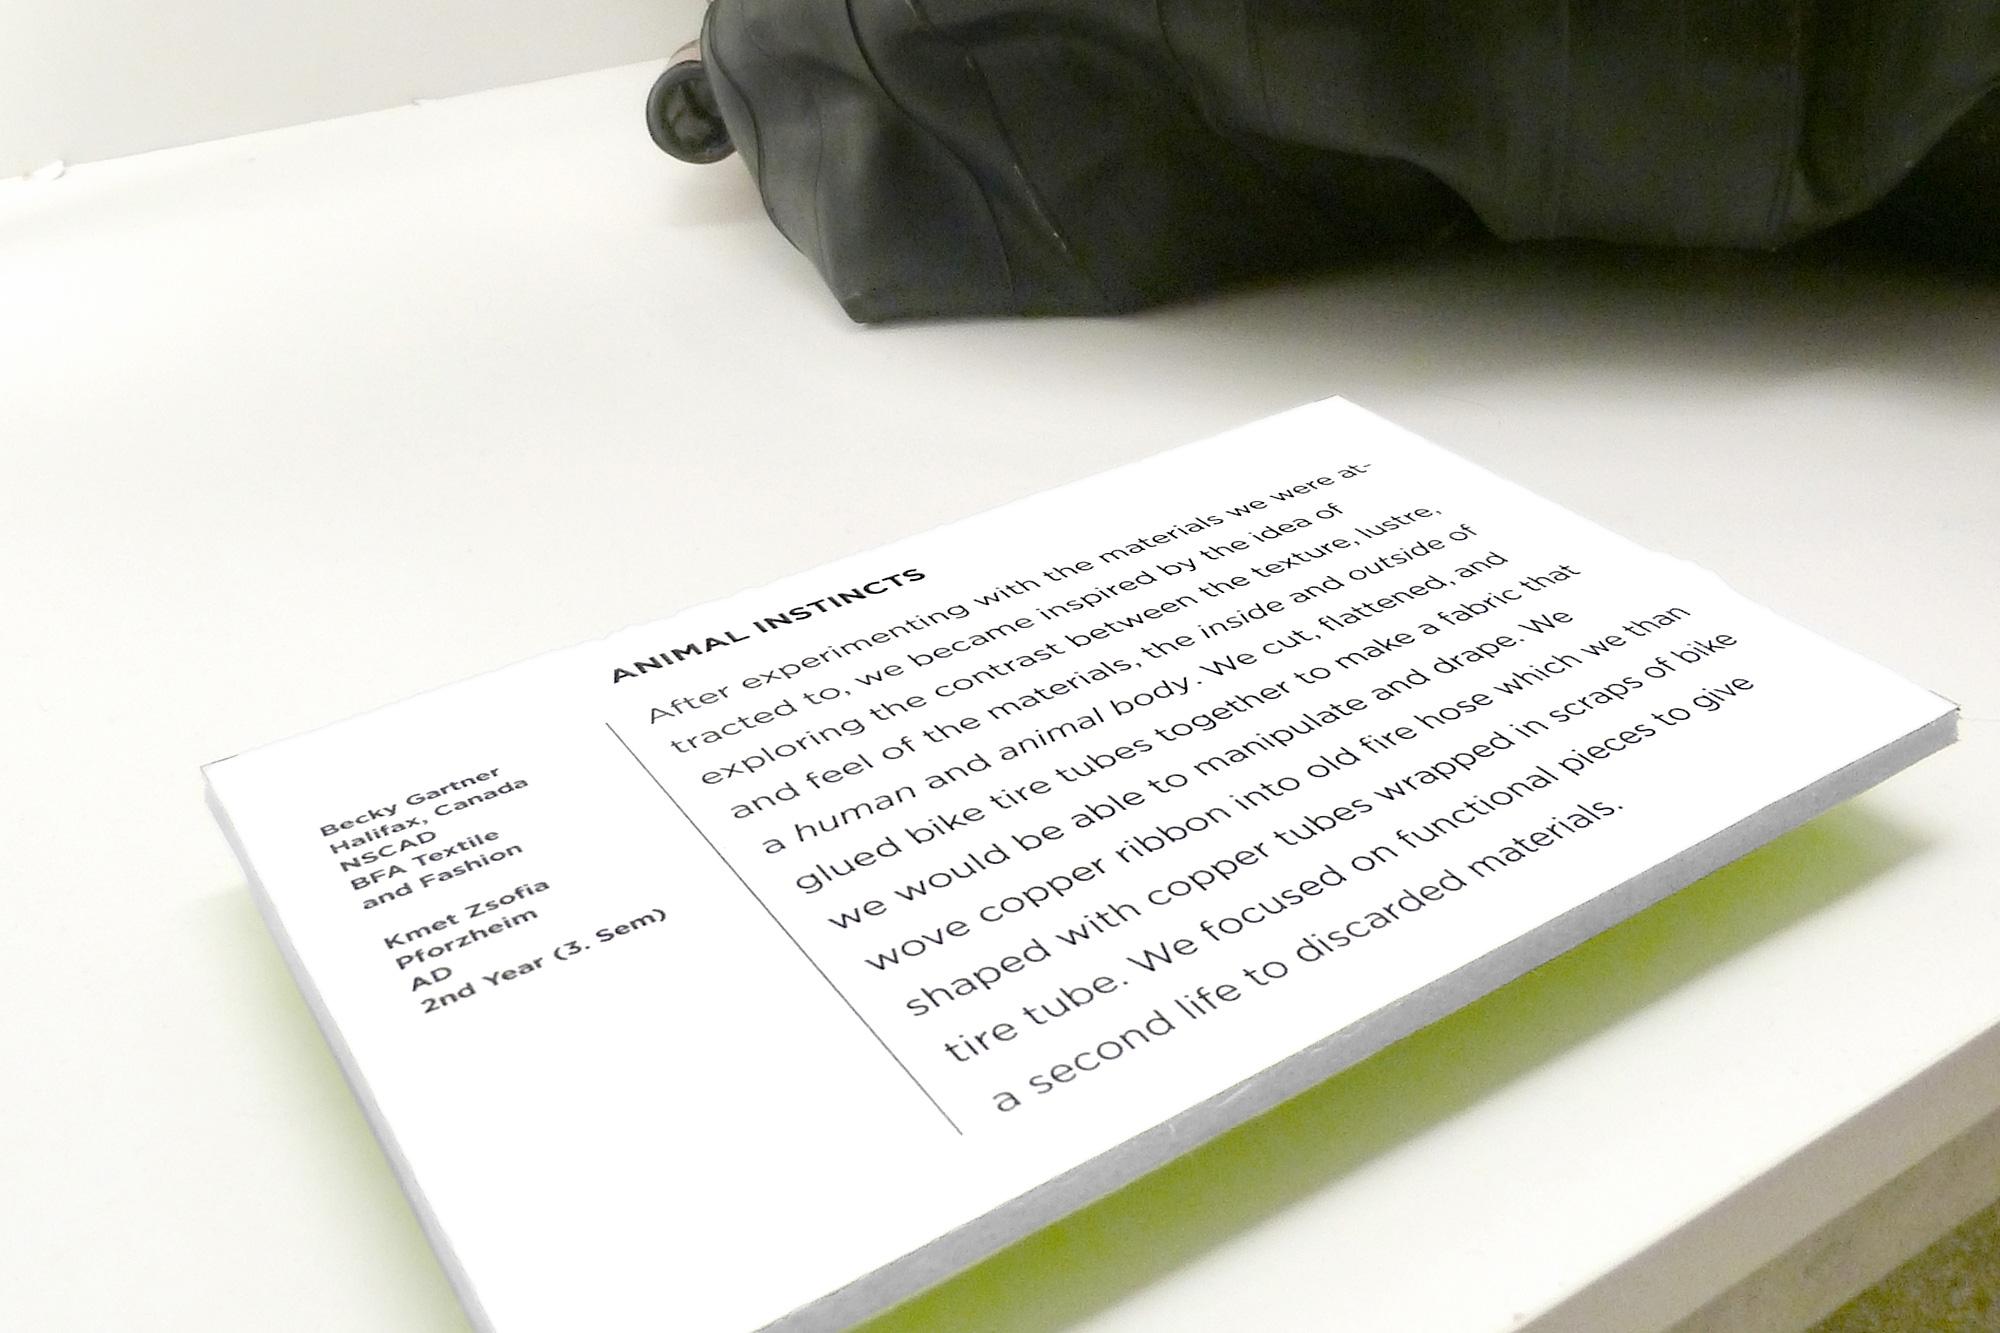 gerrit_schweiger-Young-European-Talents-Workshop-Exhibition-2013-Ausstellung-Grafik-Typografie-03